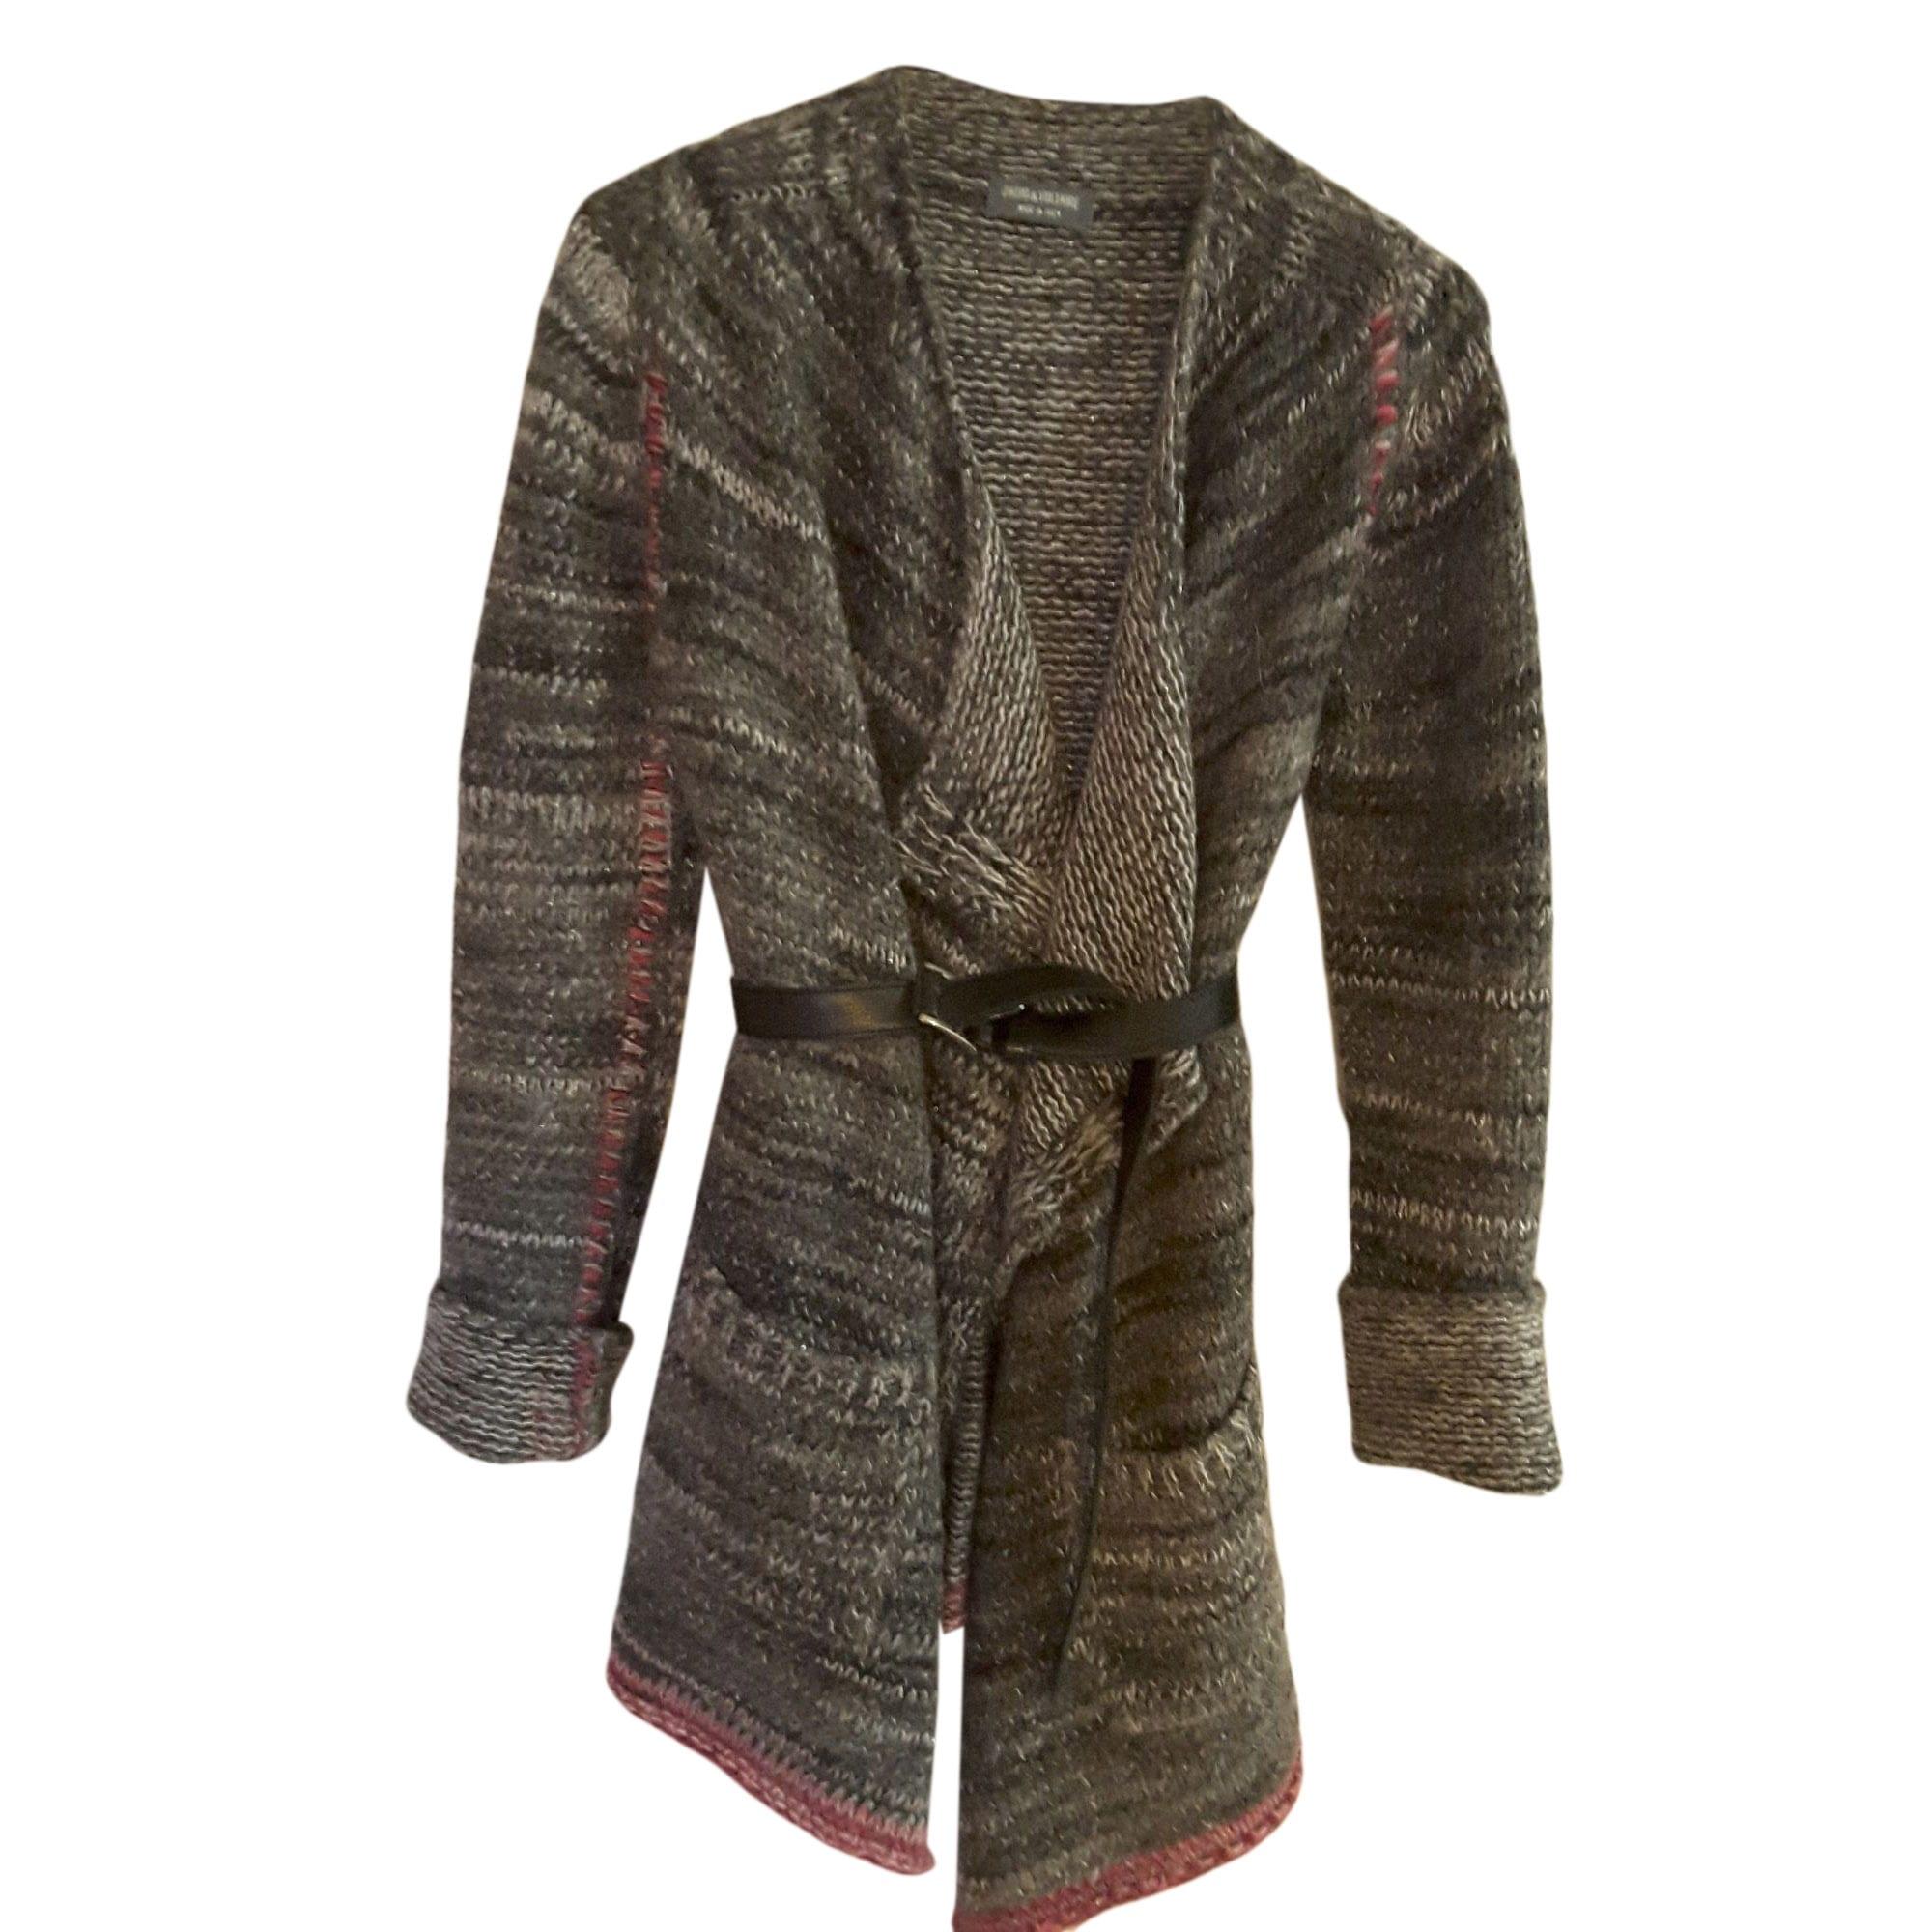 Vest, Cardigan ZADIG & VOLTAIRE Gray, charcoal